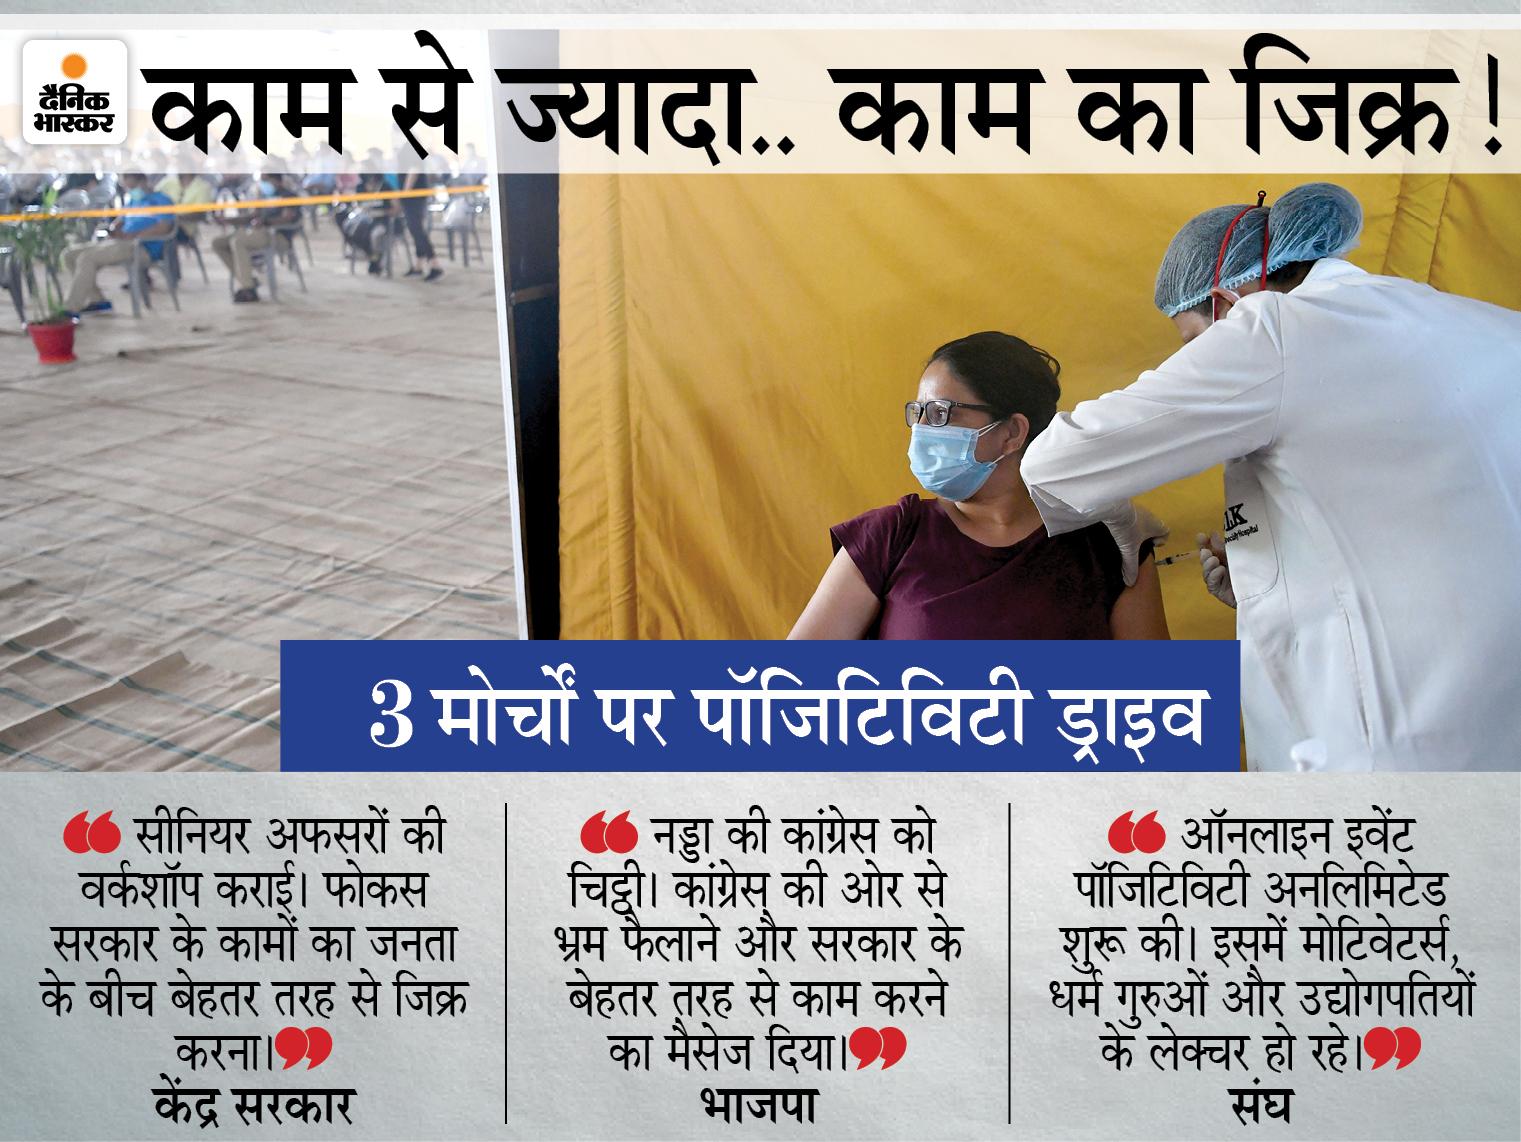 महामारी में बिगड़ती केंद्र की छवि चमकाने के लिए पॉजिटिविटी राग, सरकार के साथ भाजपा और संघ भी कूदे|देश,National - Dainik Bhaskar